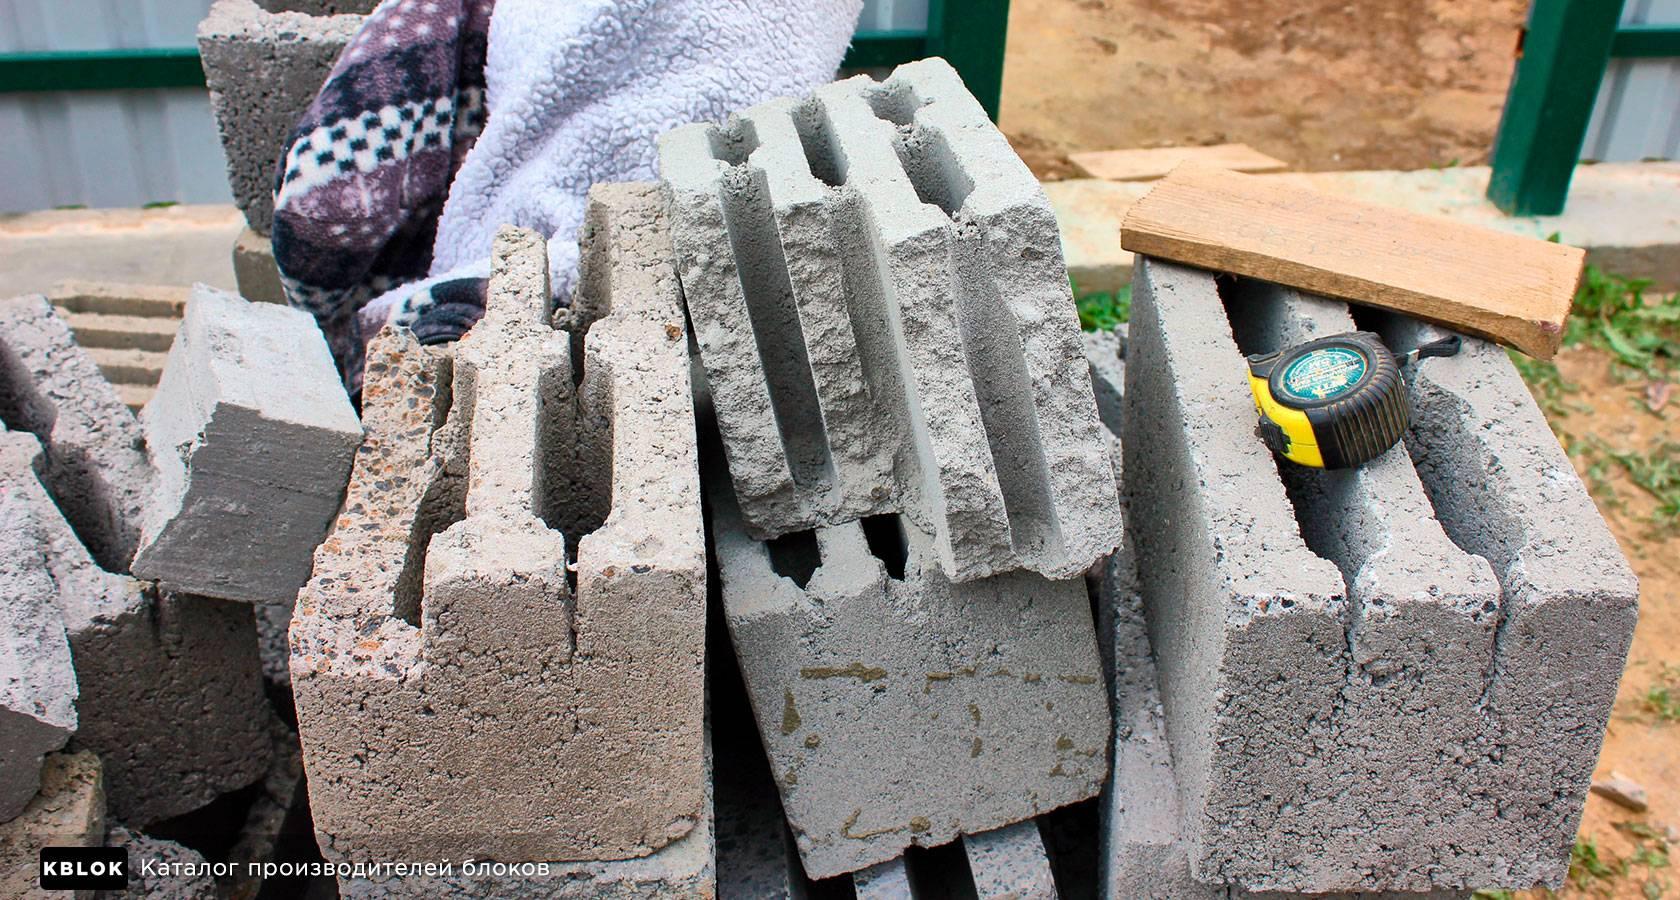 Болгарка по бетону: выбор инструмента для шлифовки. как пилить и резать бетон без пыли? особенности болгарок ушм